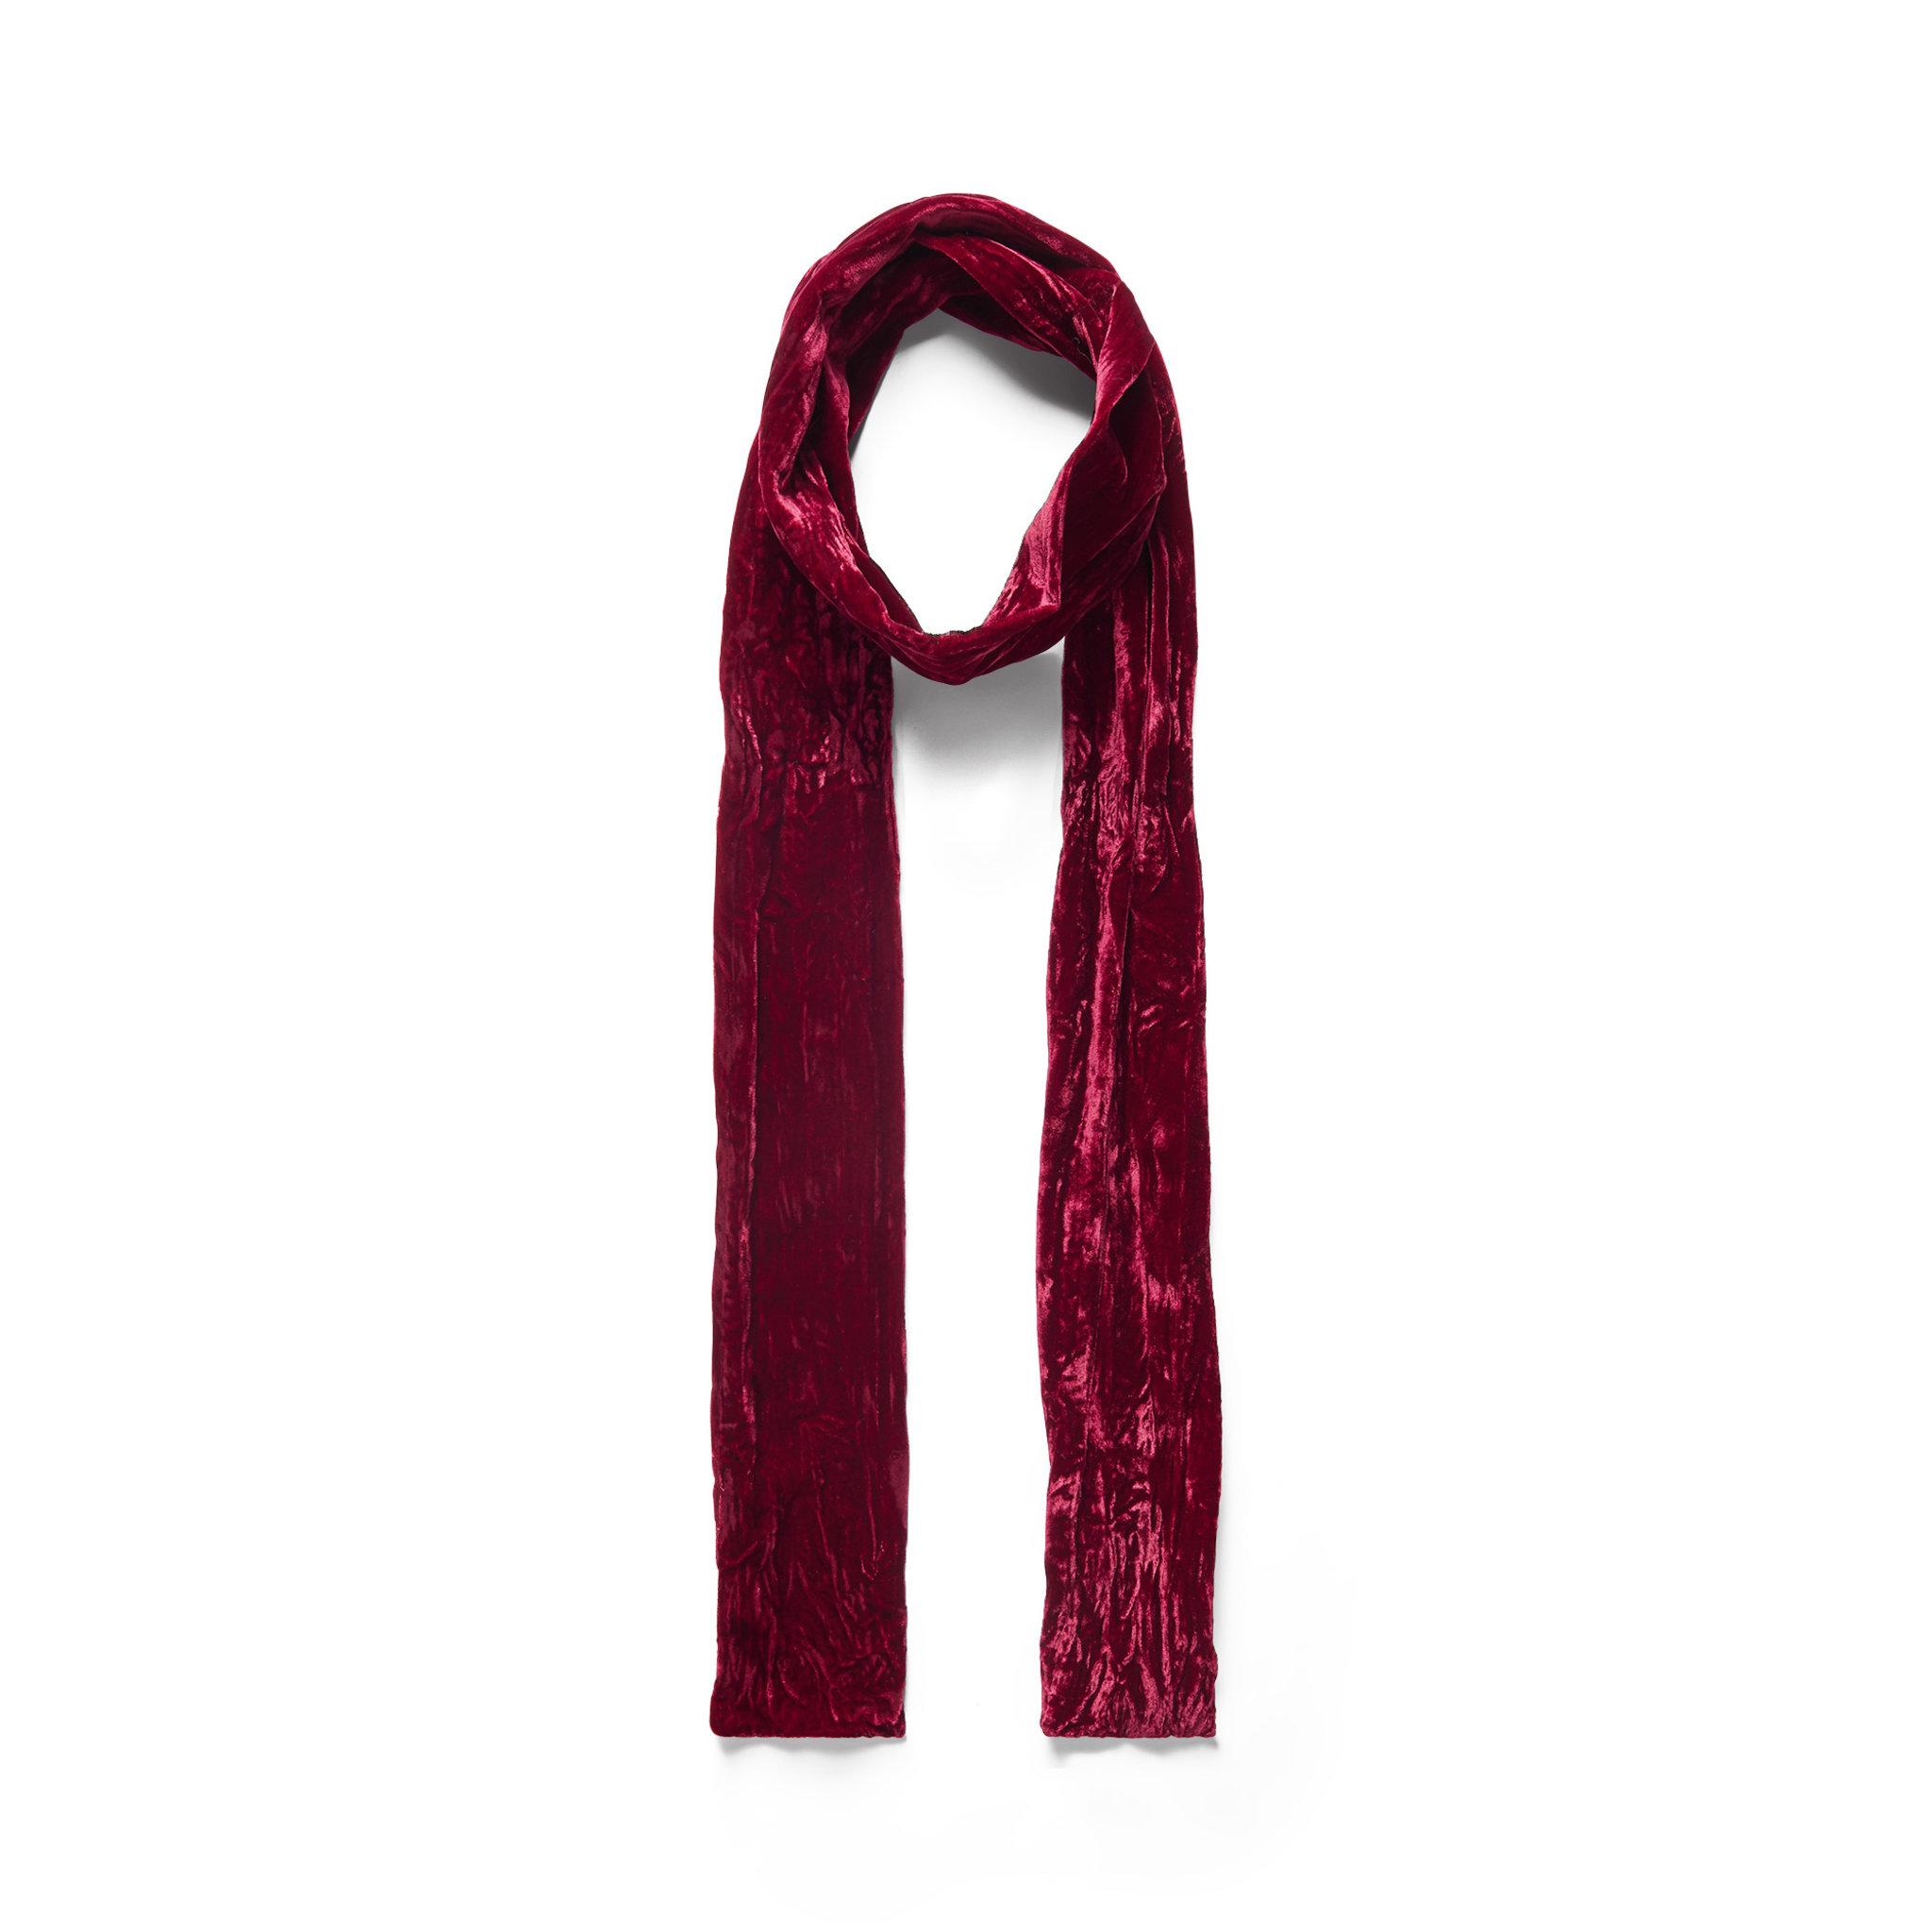 Sammetsscarf - Halsdukar   scarves - Köp online på åhlens.se! 0f3002b34bdc7